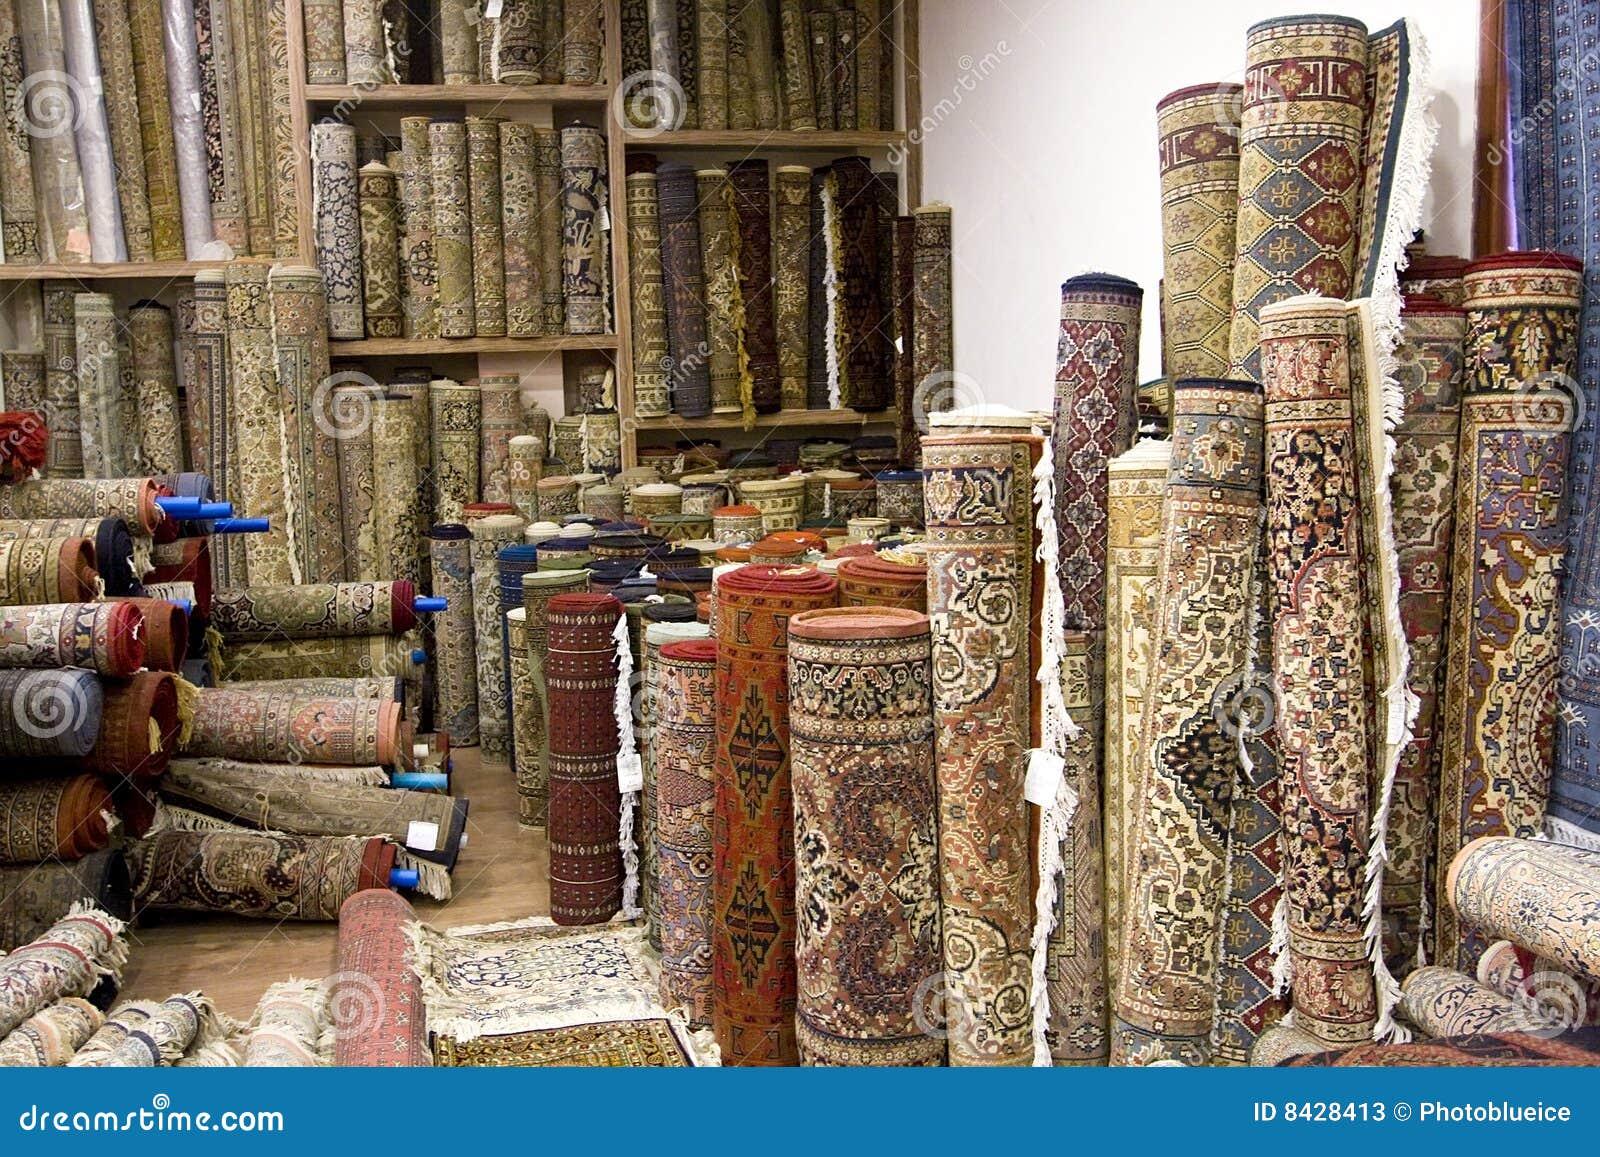 Muchas alfombras en la india fotos de archivo imagen for Alfombras indias